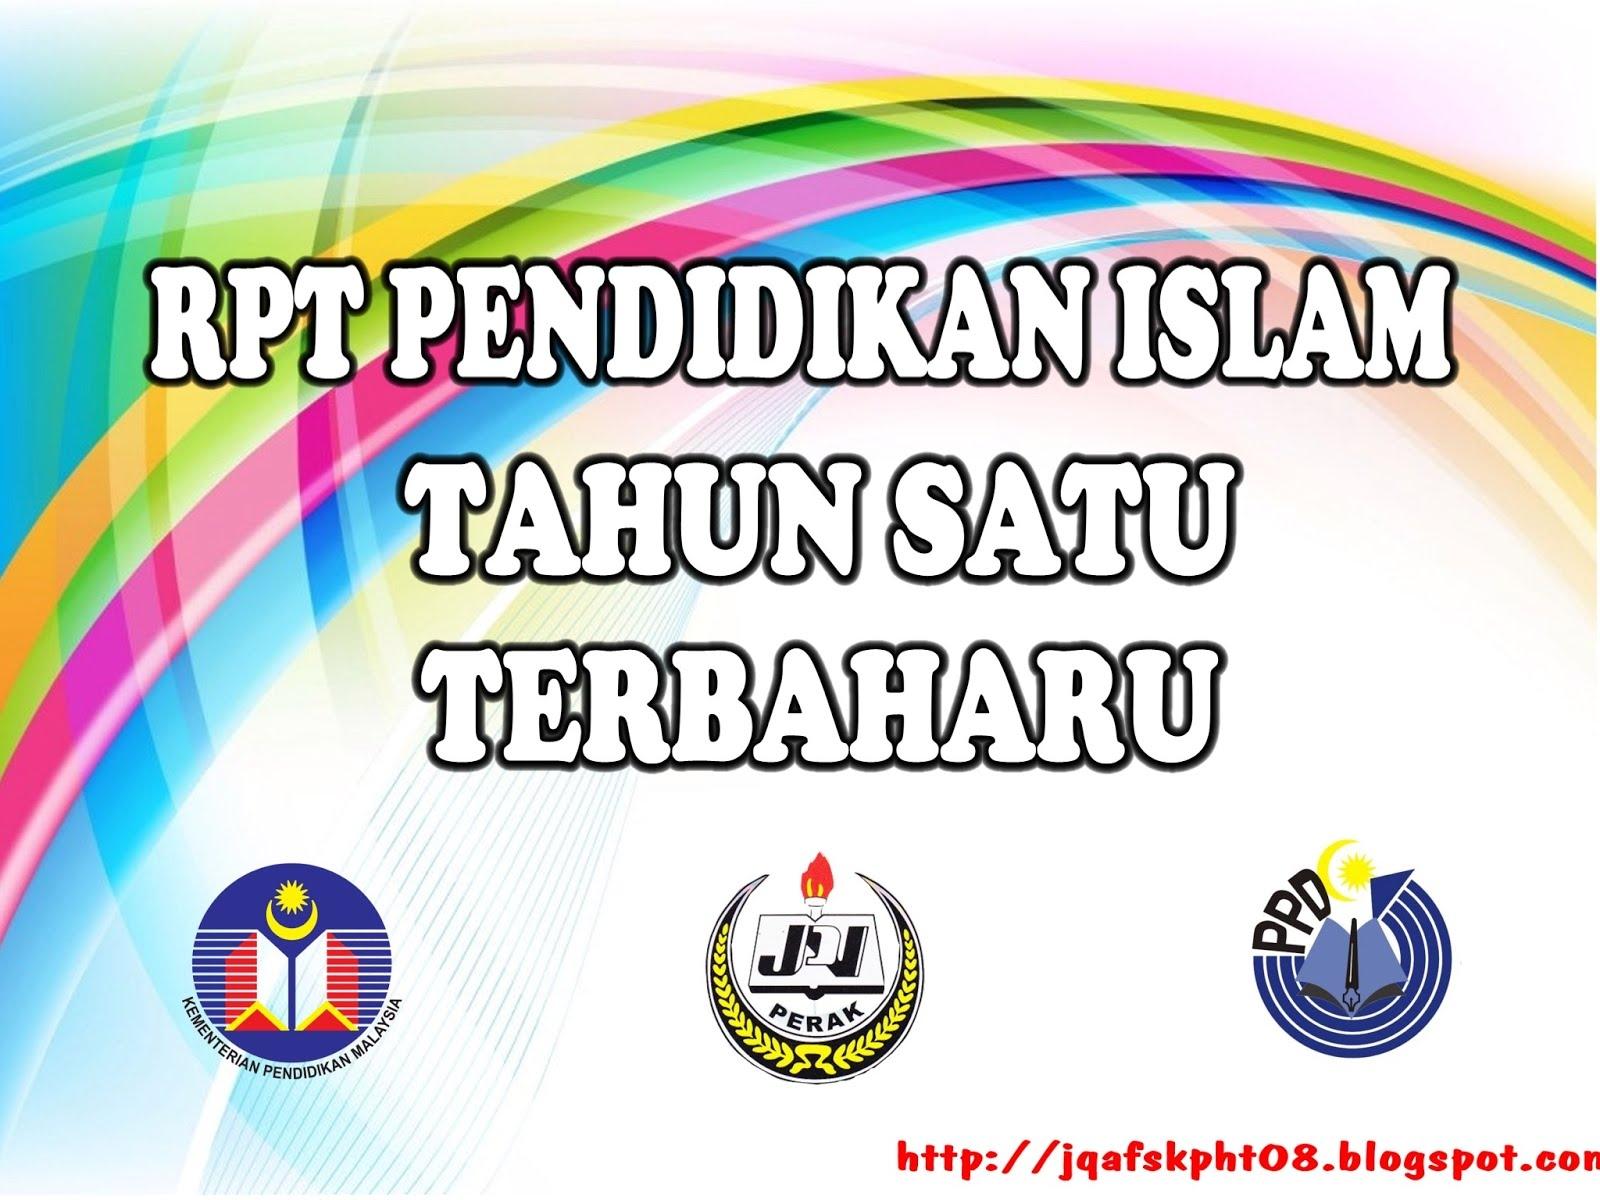 Rpt Pendidikan islam Tahun 3 Terbaik Blog J Qaf Sk Parit Haji Taib Rpt Pendidikan islam Tahun 1 Dengan Of Muat Turun Rpt Pendidikan islam Tahun 3 Yang Penting Khas Untuk Guru-guru Lihat!